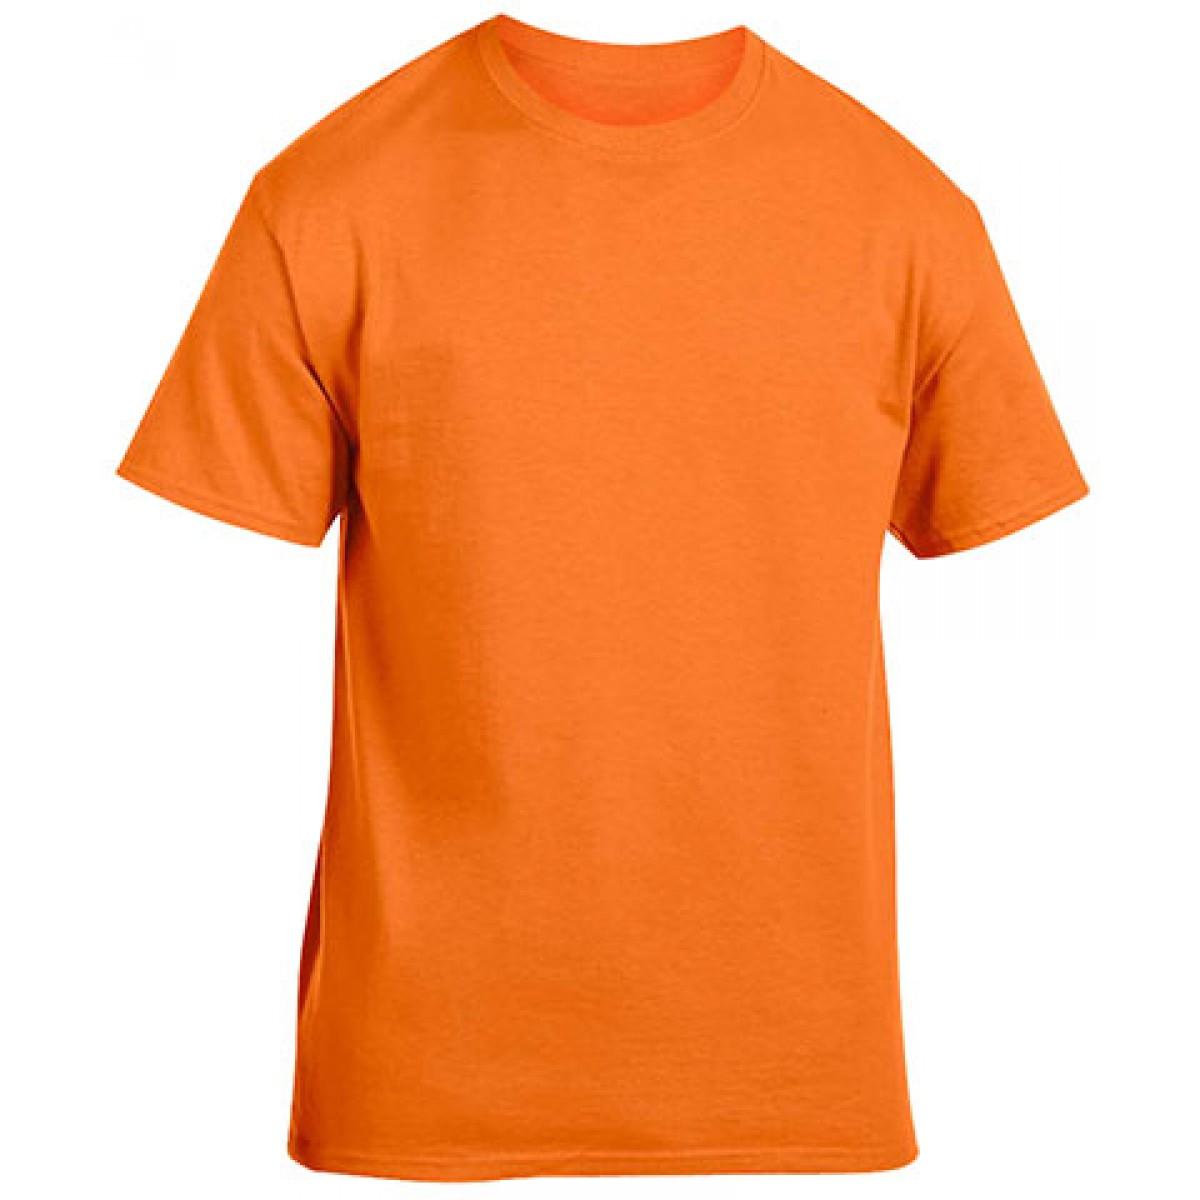 Heavy Cotton Activewear T-Shirt-Safety Orange-M